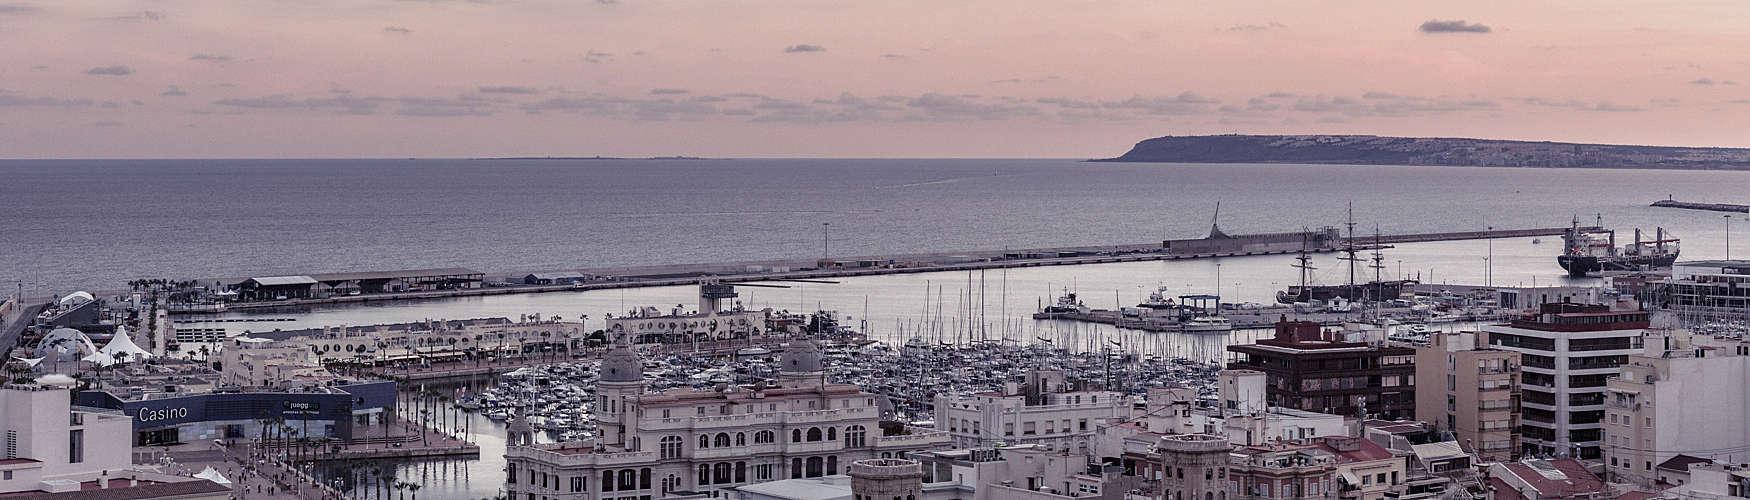 Cover image for Alicante